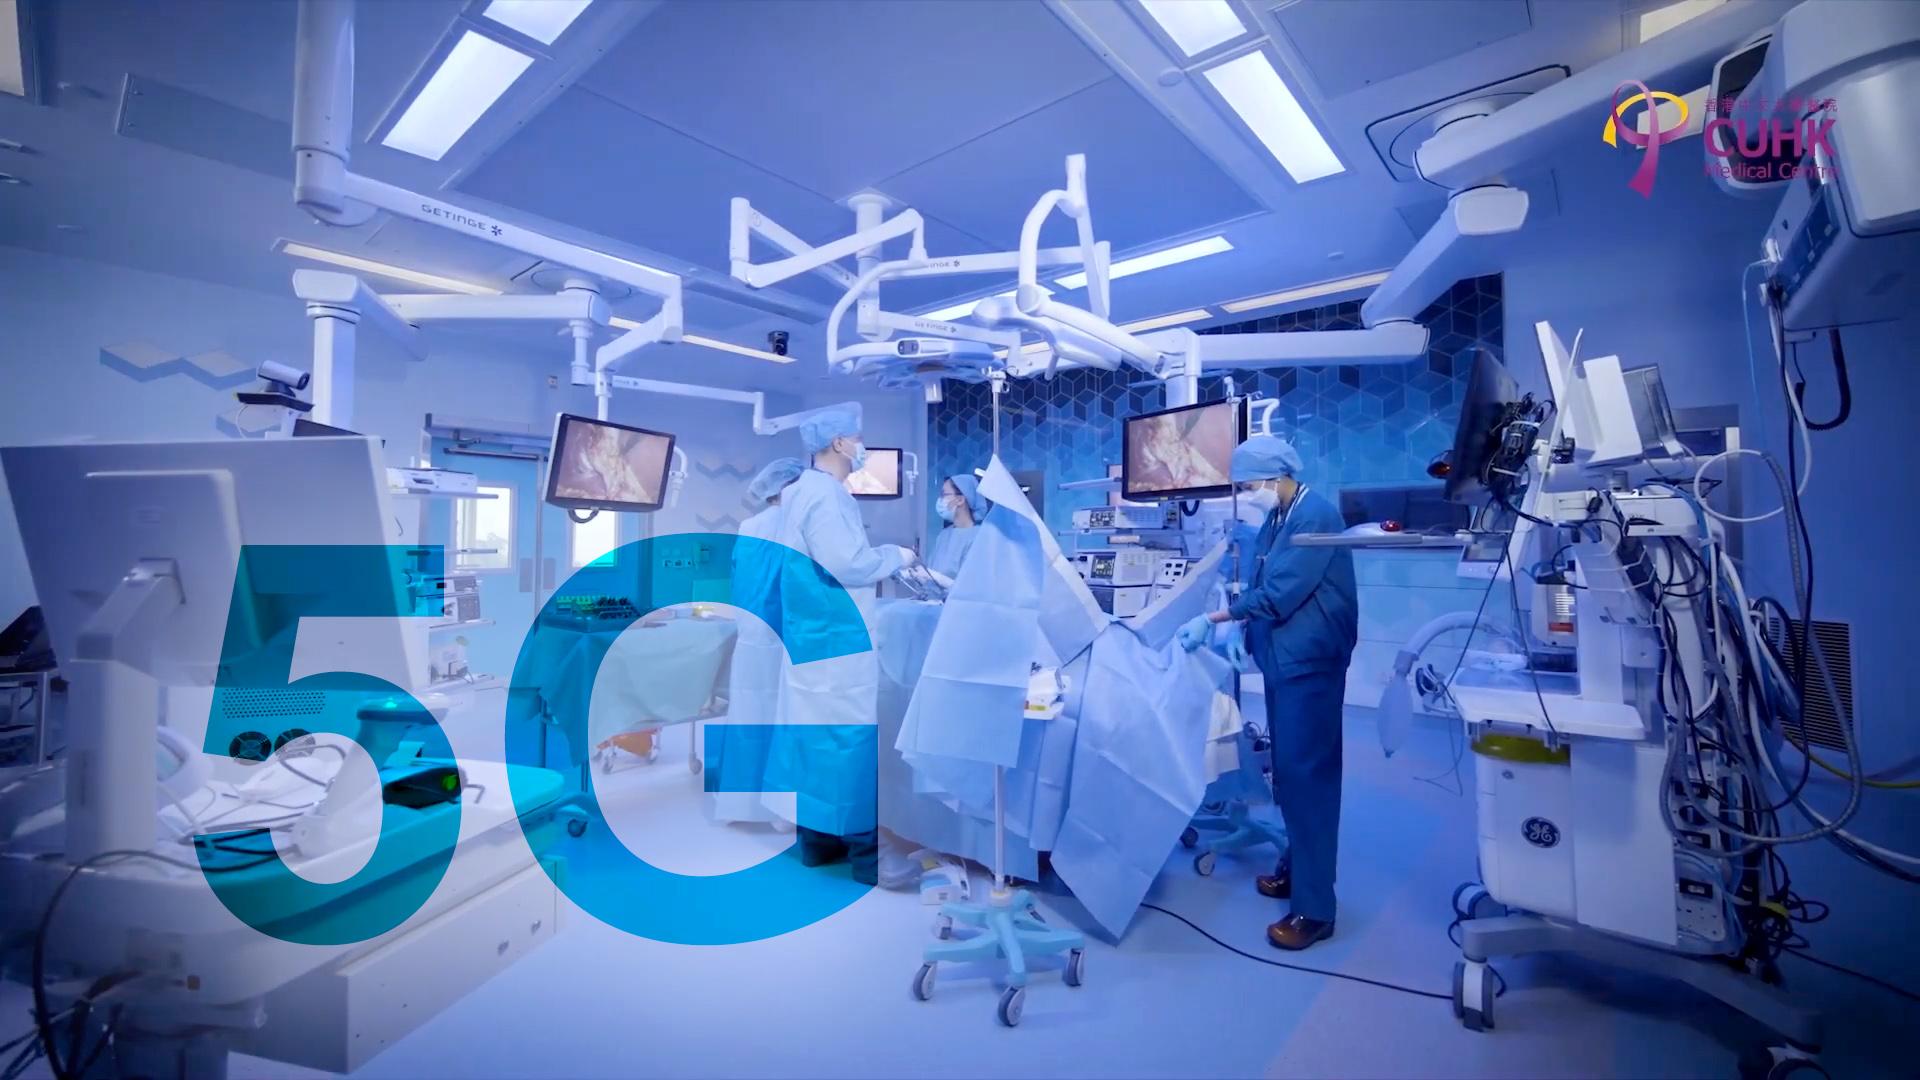 La tecnología en materia de salud ha dado pasos agigantados, desde observación, mentoría, asistencia y ahora operaciones remotas. Gracias a la red móvil 5G, la velocidad de conexión aumenta y las brechas se cierran, para permitir una idónea respuesta y precisión en milisegundos.